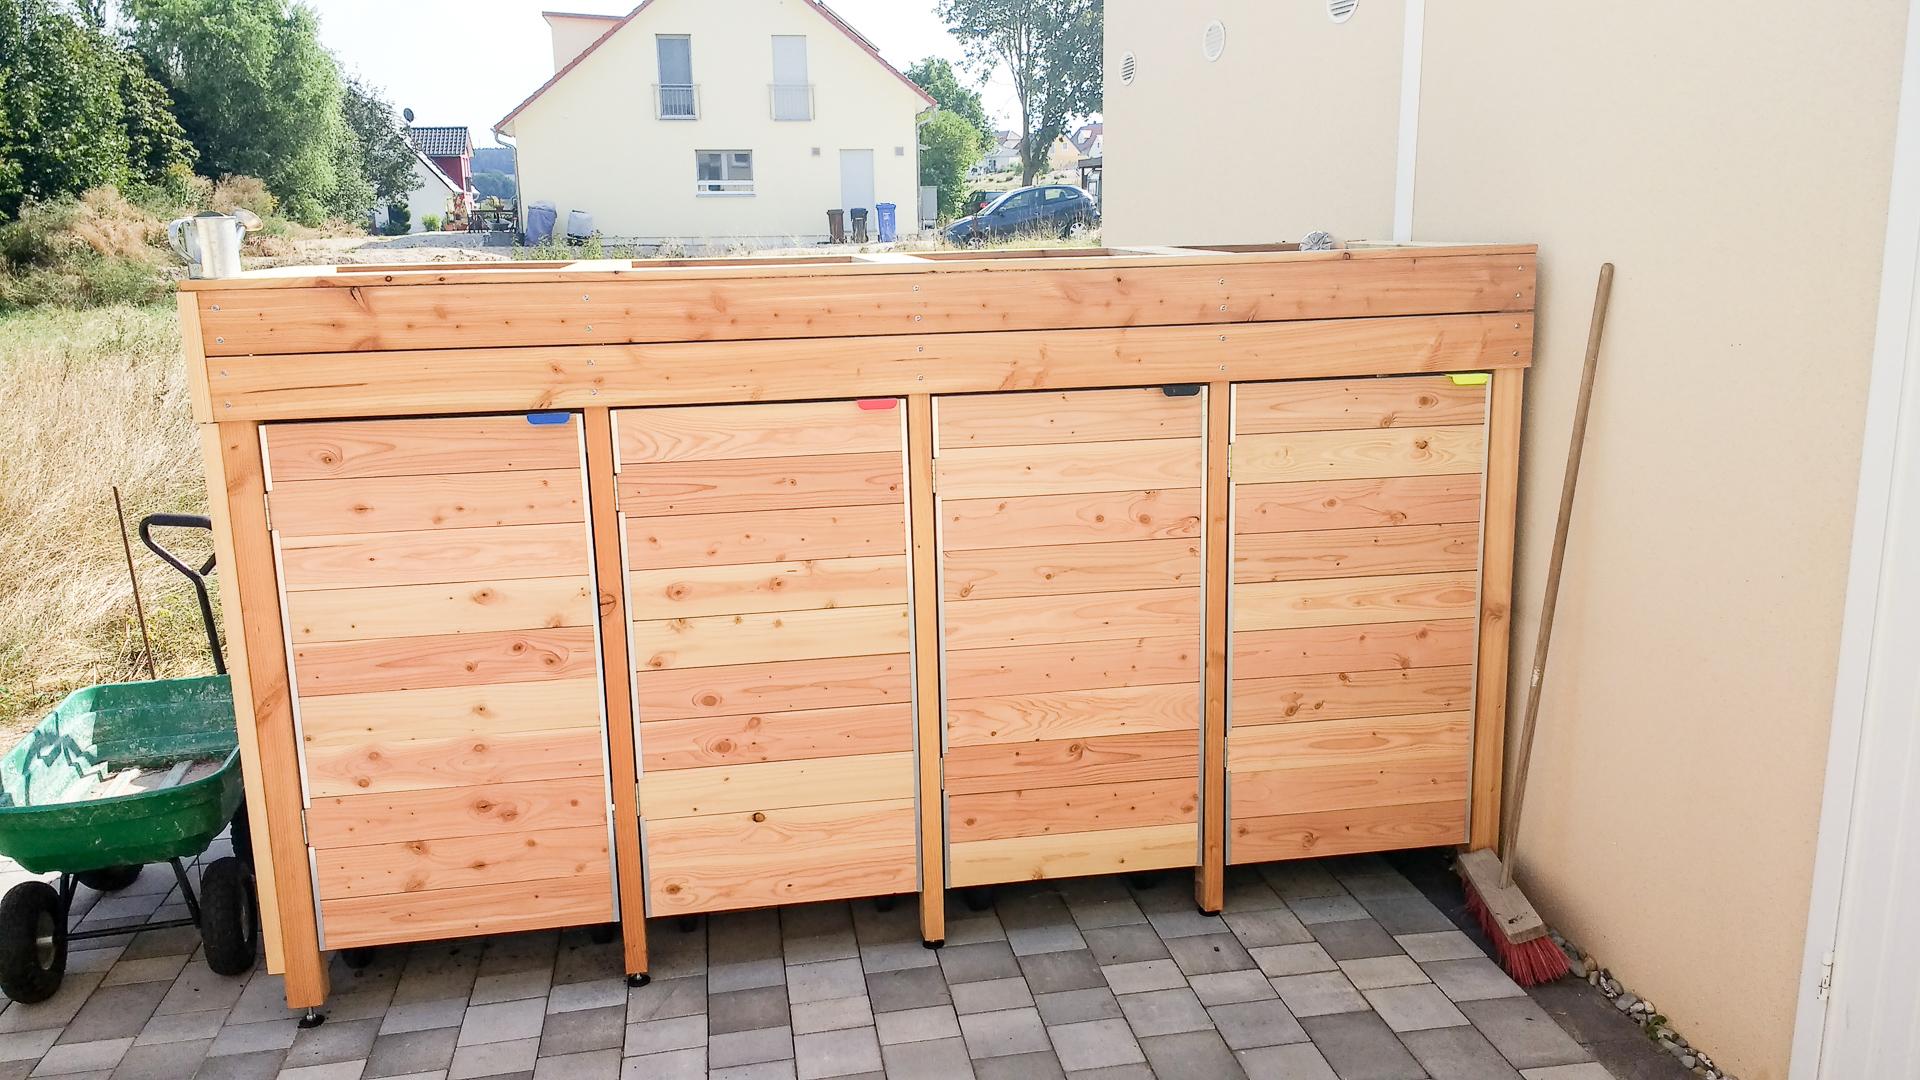 Exquisit Mülltonnenbox Aus Paletten Bauen Das Beste Von 20160910135137-img_20160910_115136960 …